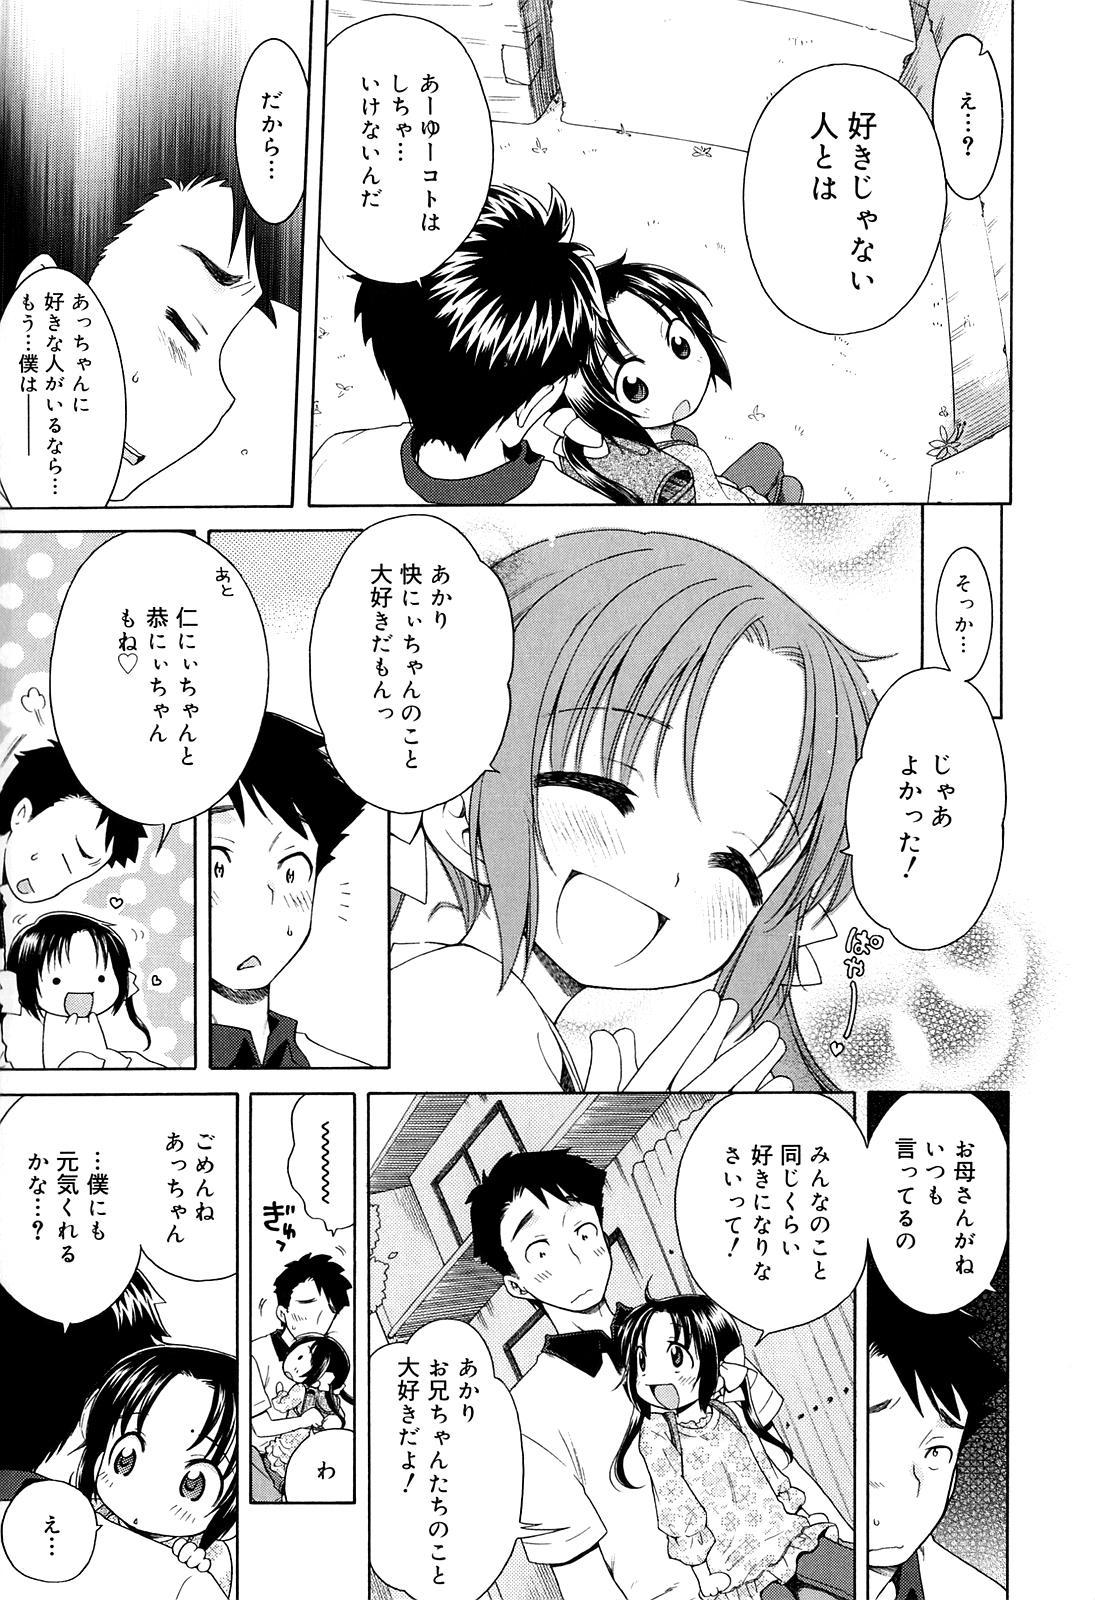 Tsukimisou no Akari 58